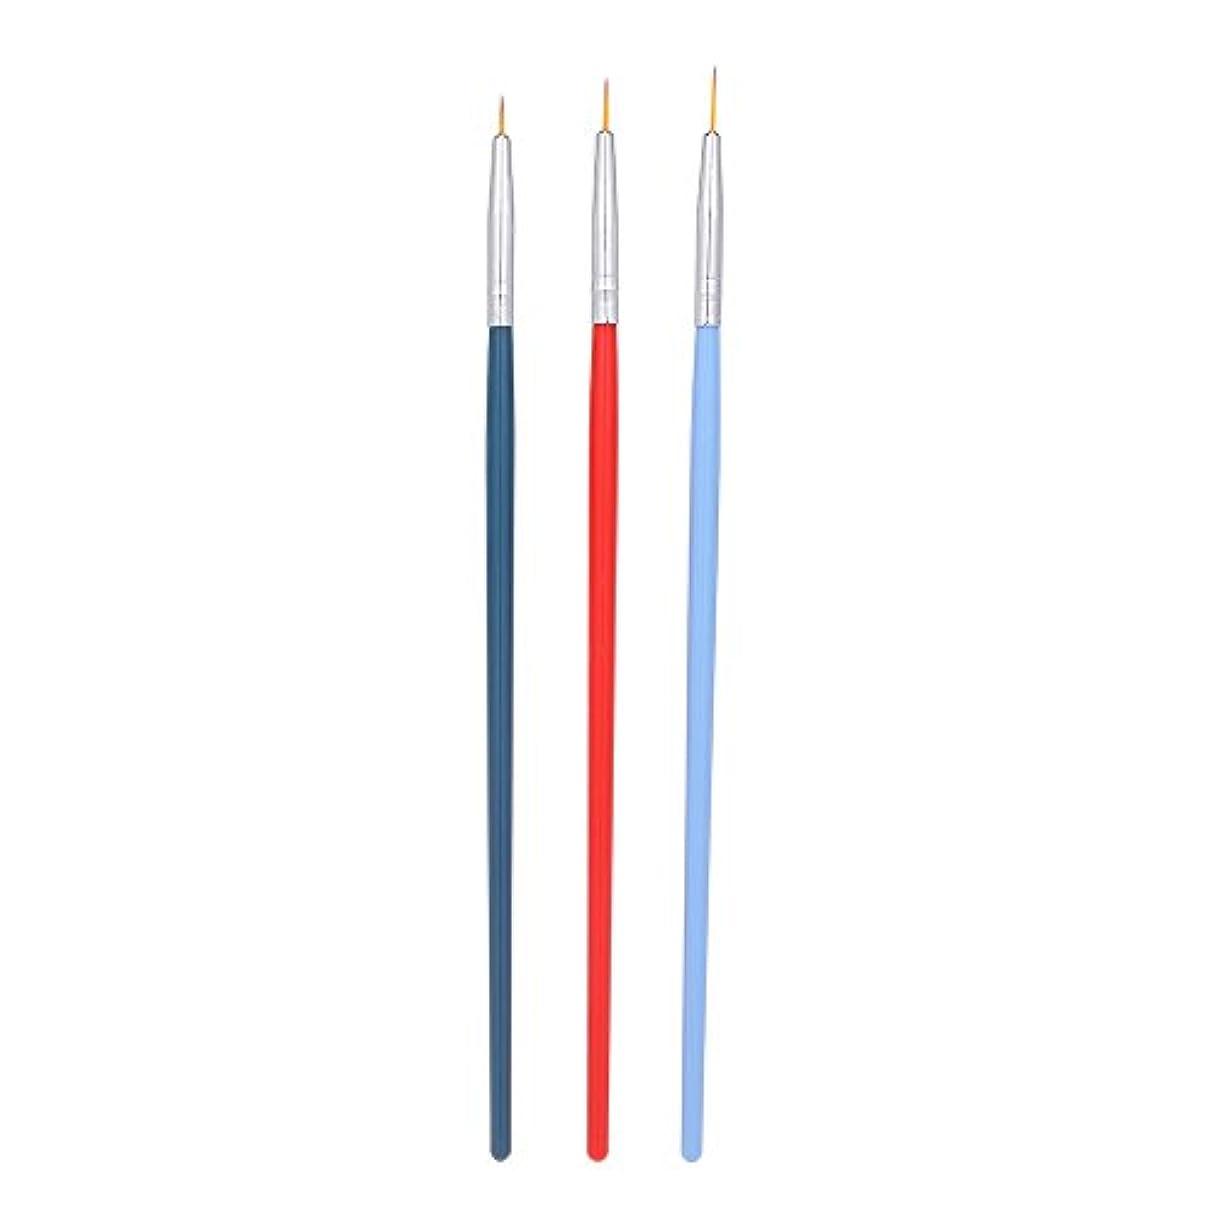 クラウン露骨な餌Decdeal 3本 ネイルアートライナーブラシ ネイルブラシ ペン UVジェル塗装 セット マニキュア ネイルツール プラスチックハンドル